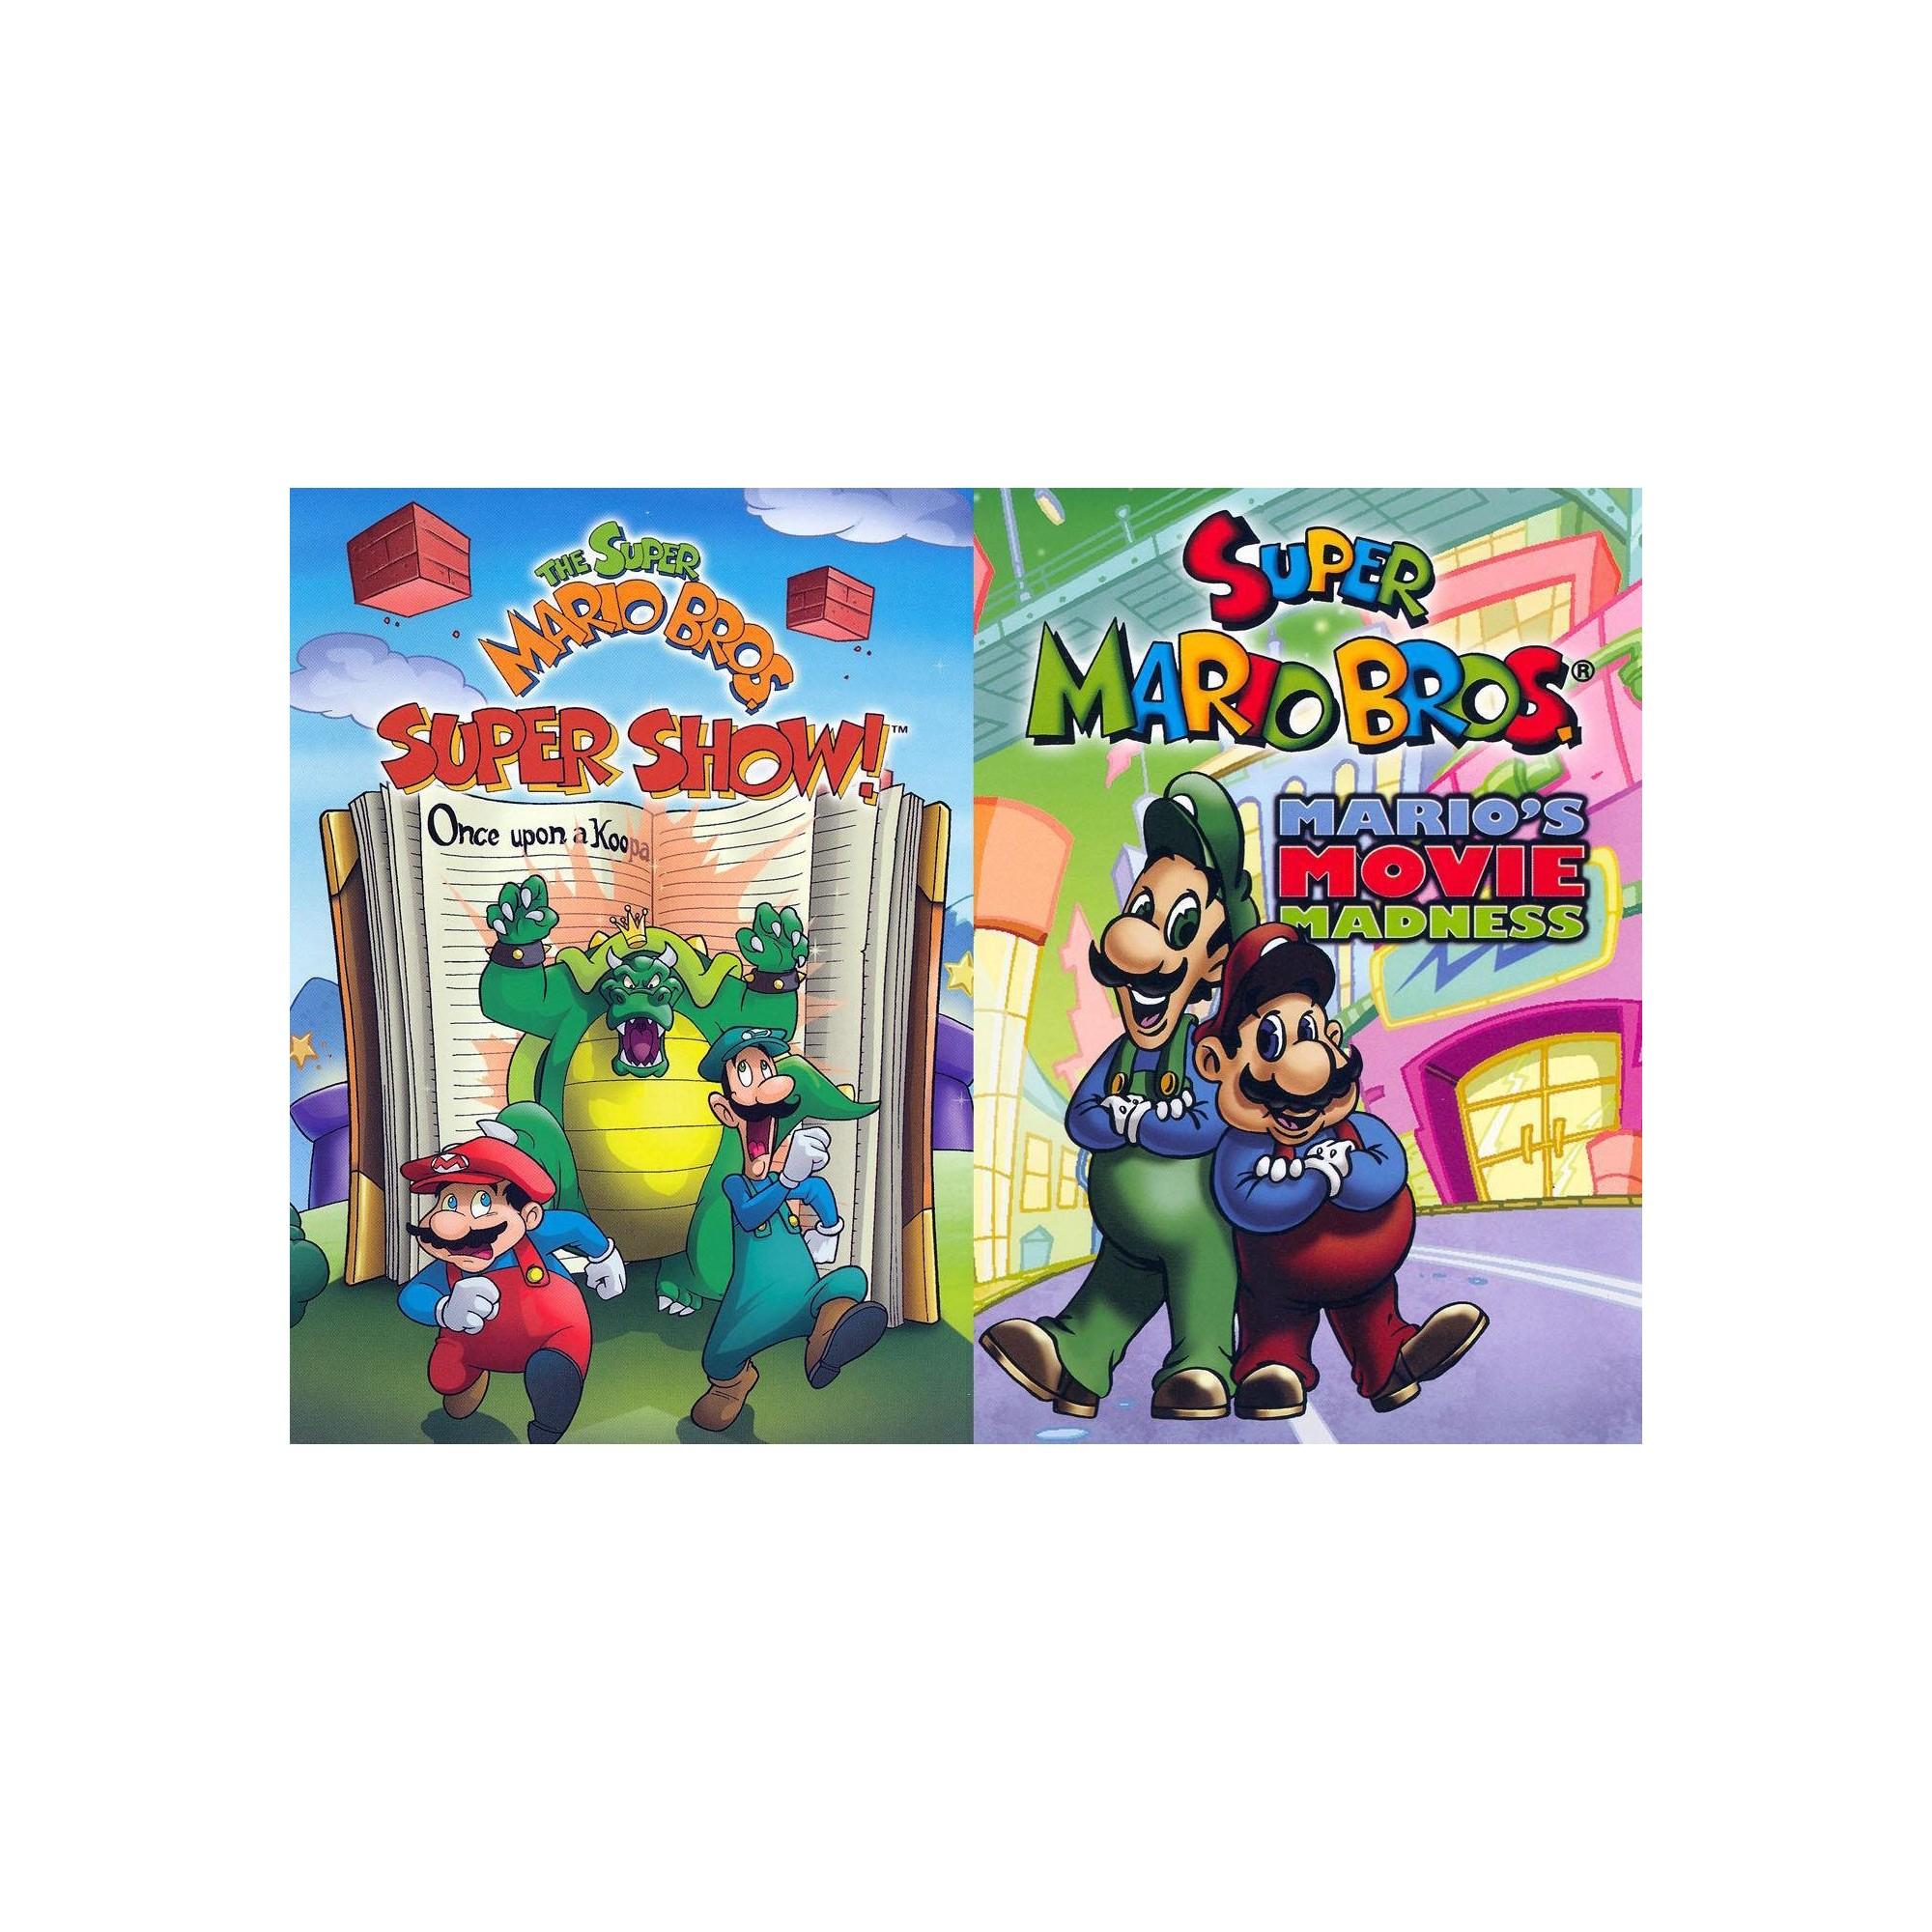 Super Mario Bros Discs MovieOnce Super mario bros Mario bros